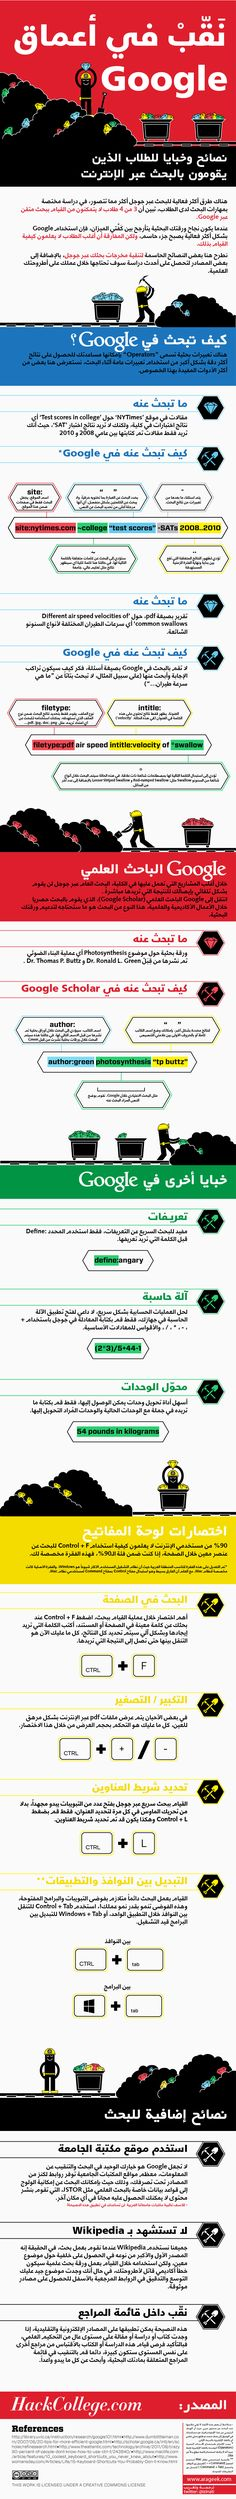 للباحثين والطلبة .. كيف تحصل على ما تريد من بحث جوجل – انفوجرافيك (مُعرّب)